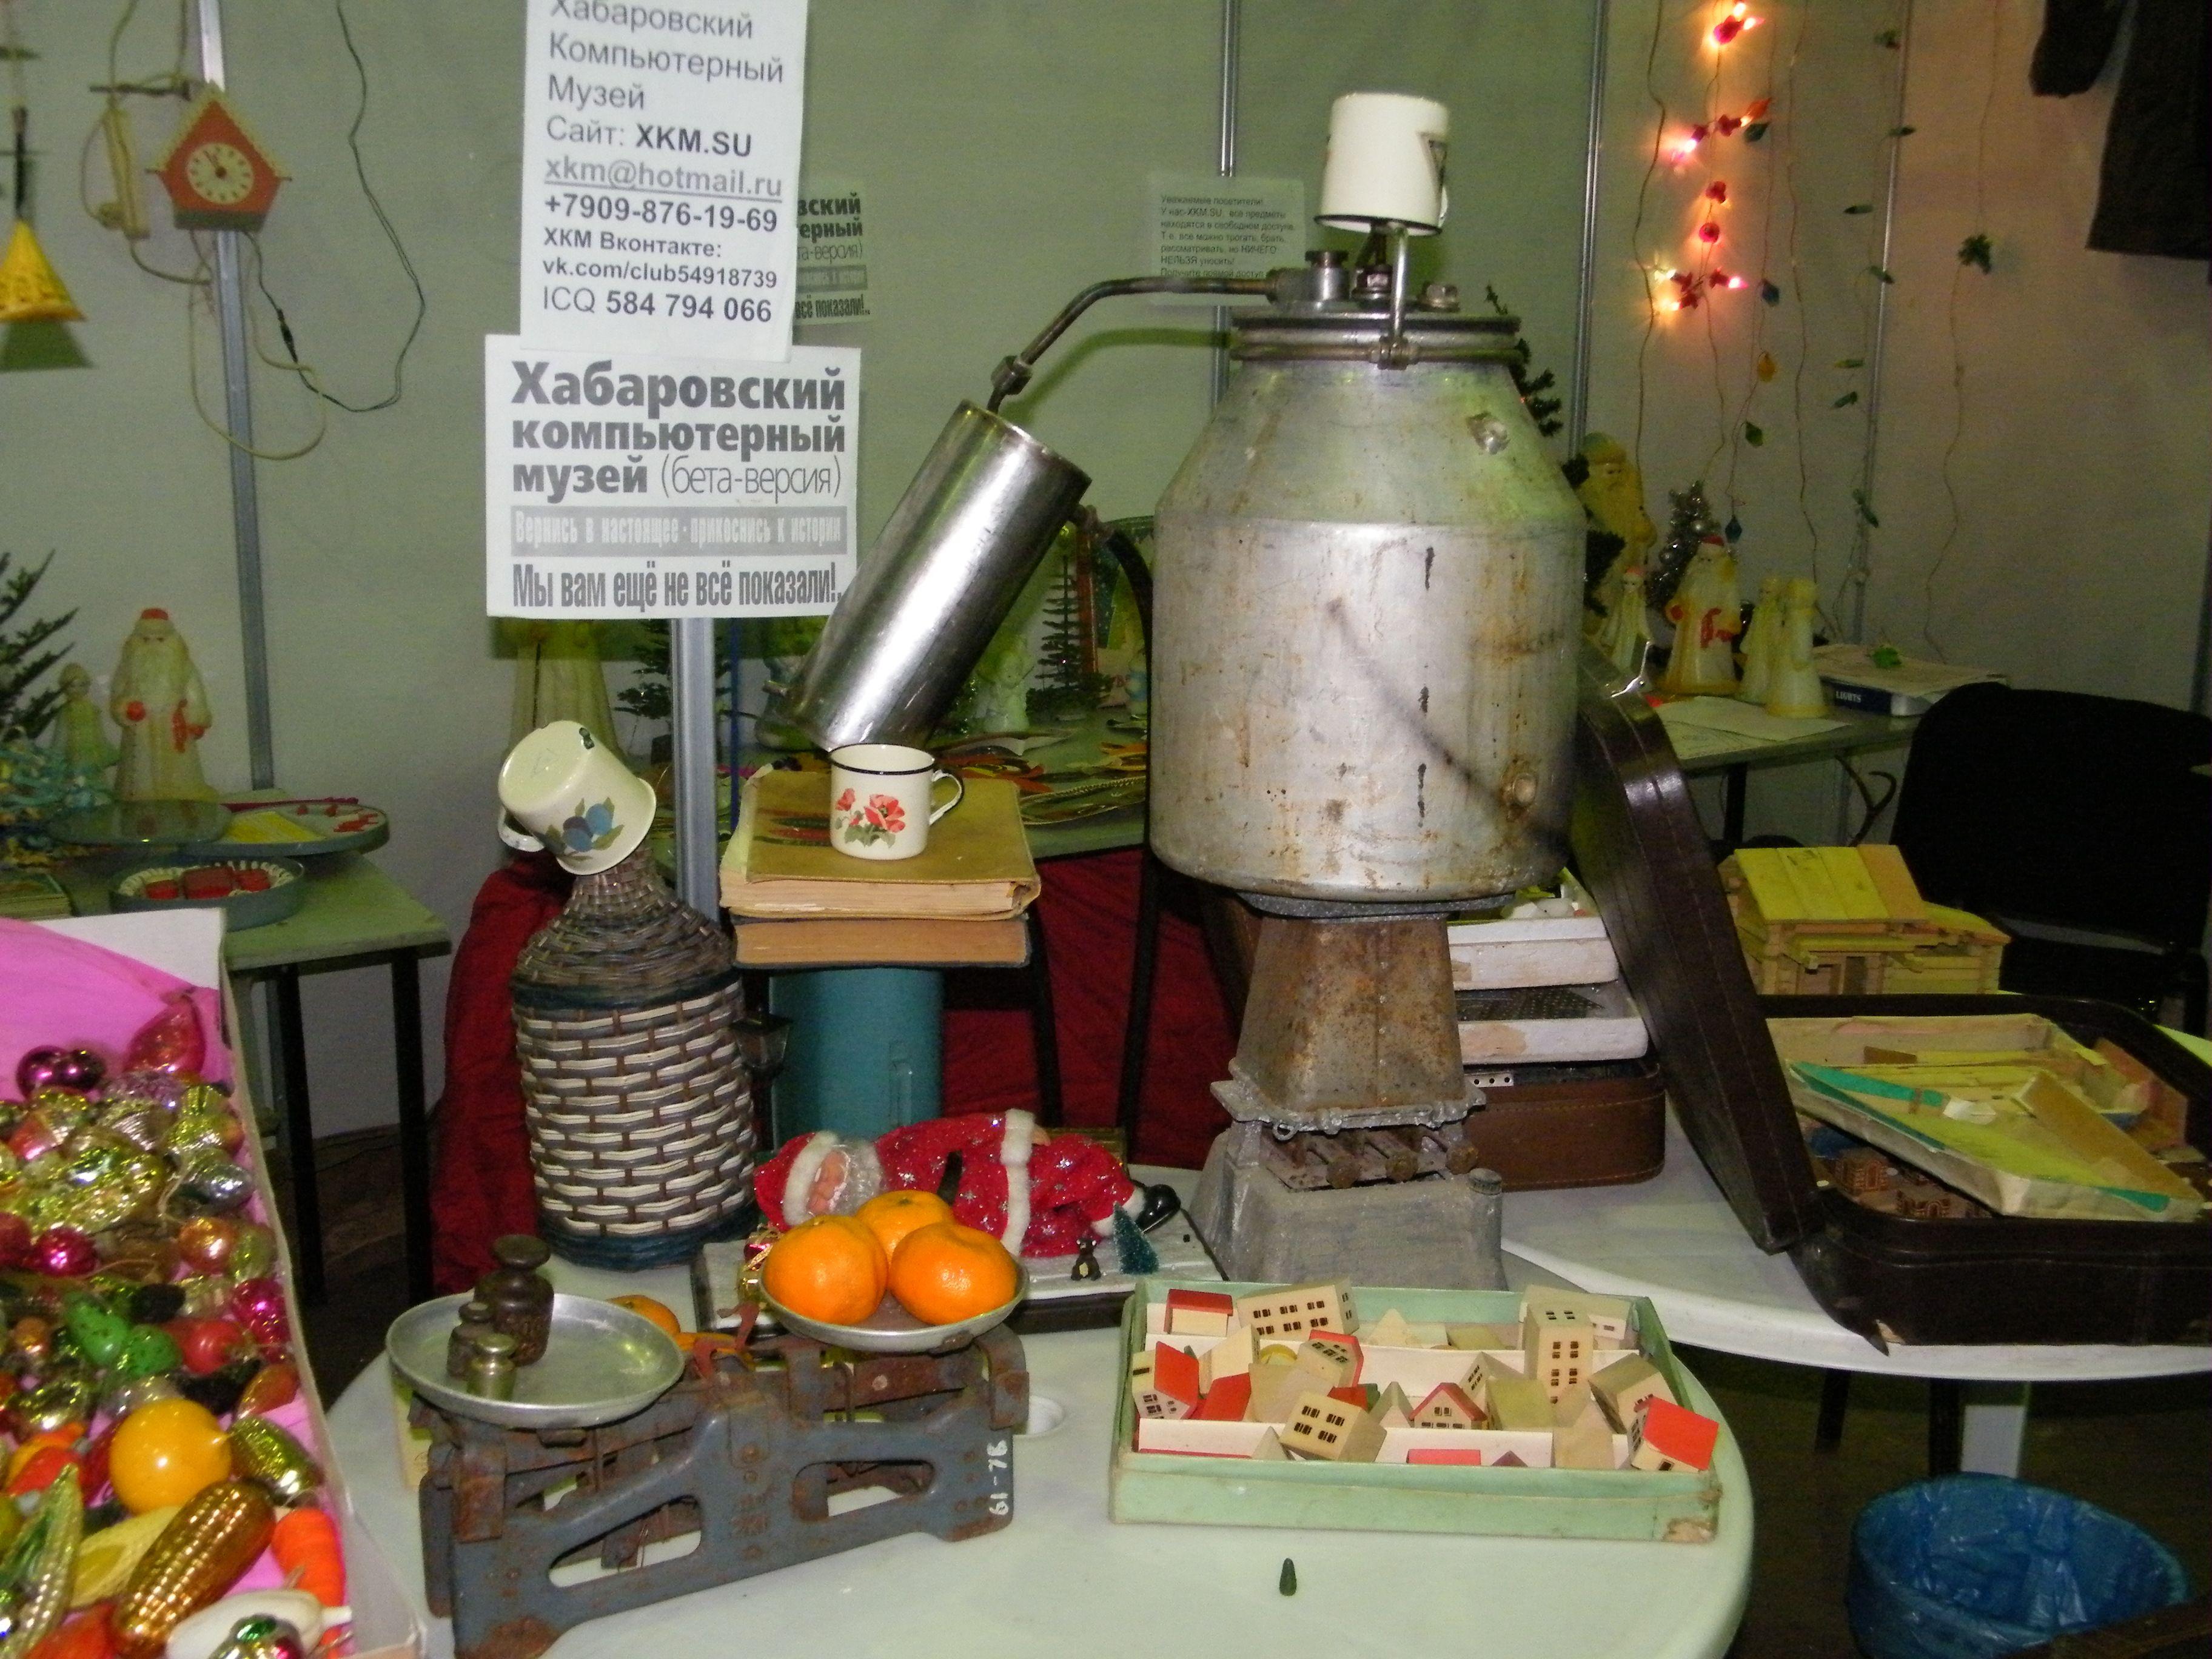 Первый самогонный аппарат википедия самогонный аппарат хмель мастер рестайлинг